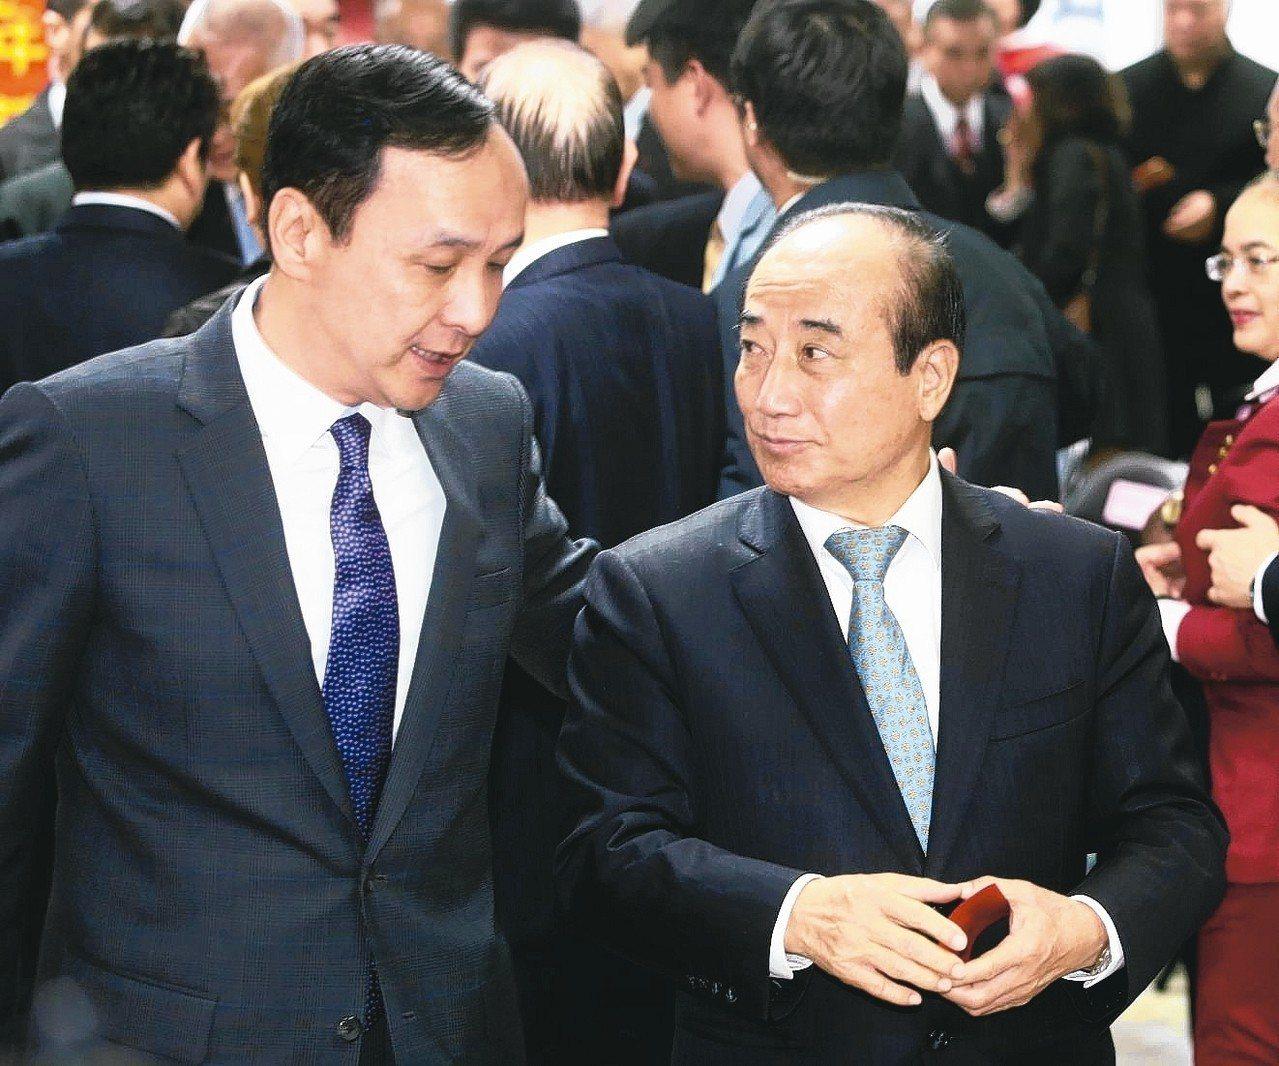 國民黨昨天舉行新春團拜,出席的前主席朱立倫(左)與立法院前院長王金平(右)互動熱...